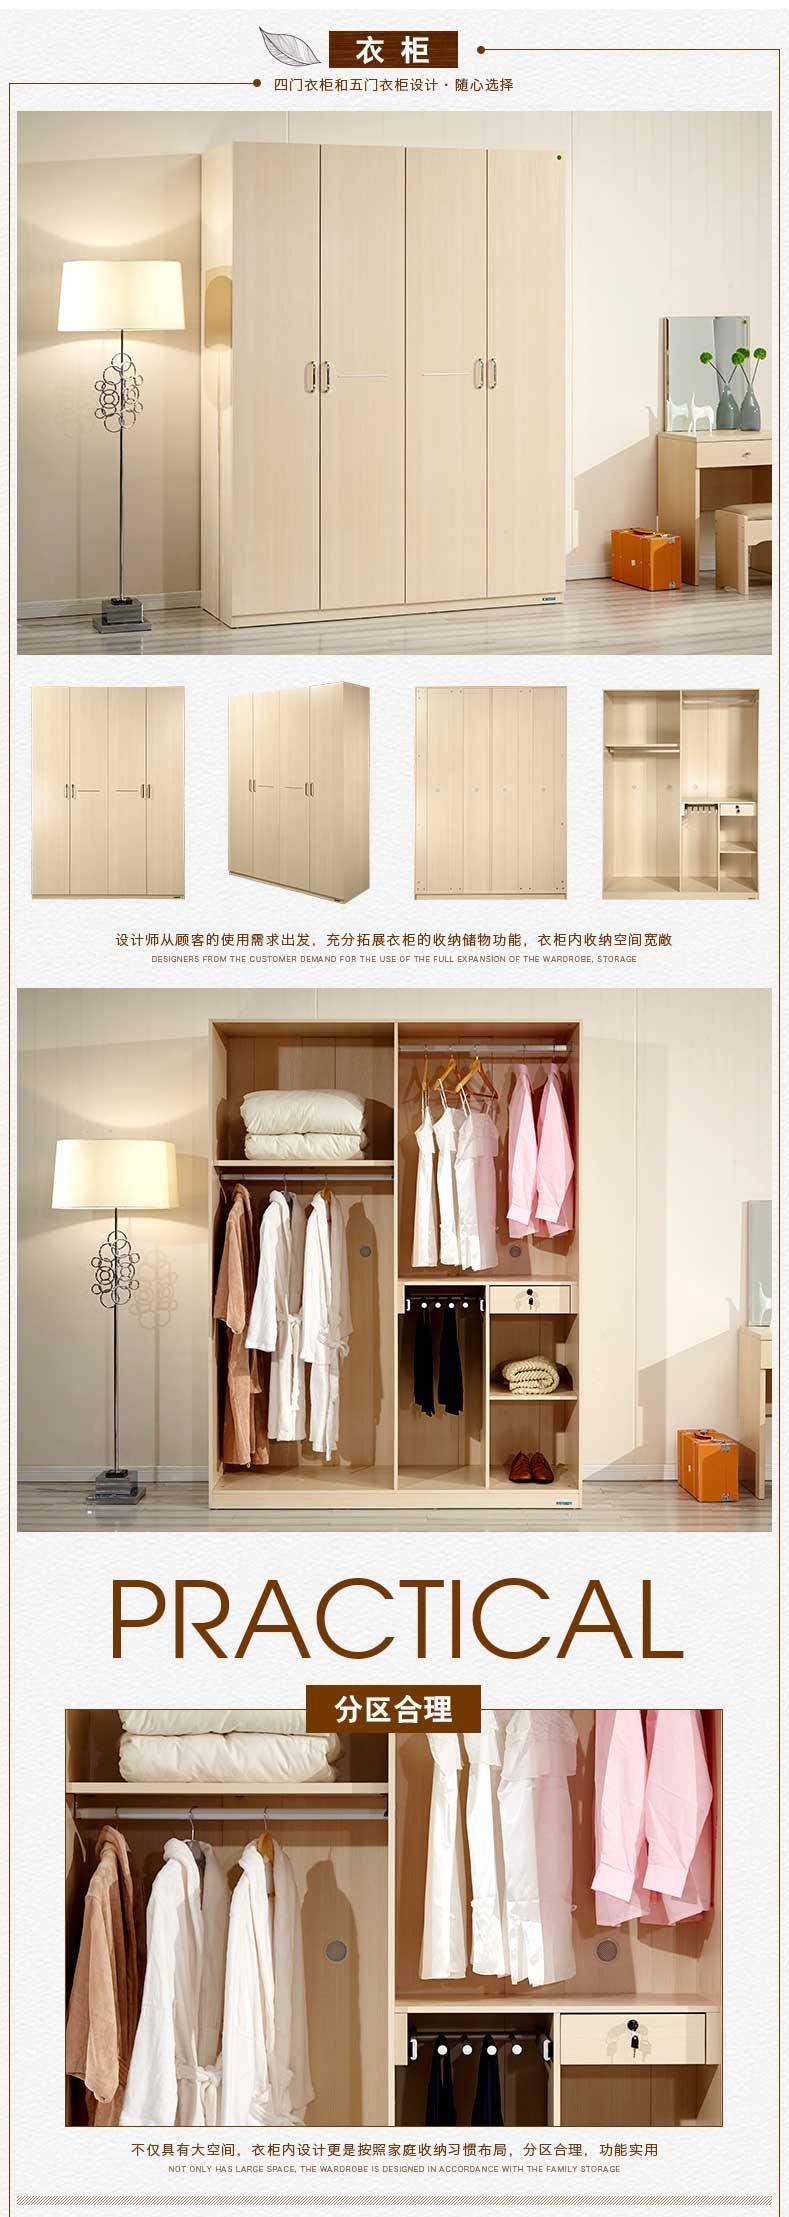 全友家私-现代简约卧室板式双人床1_06.jpg